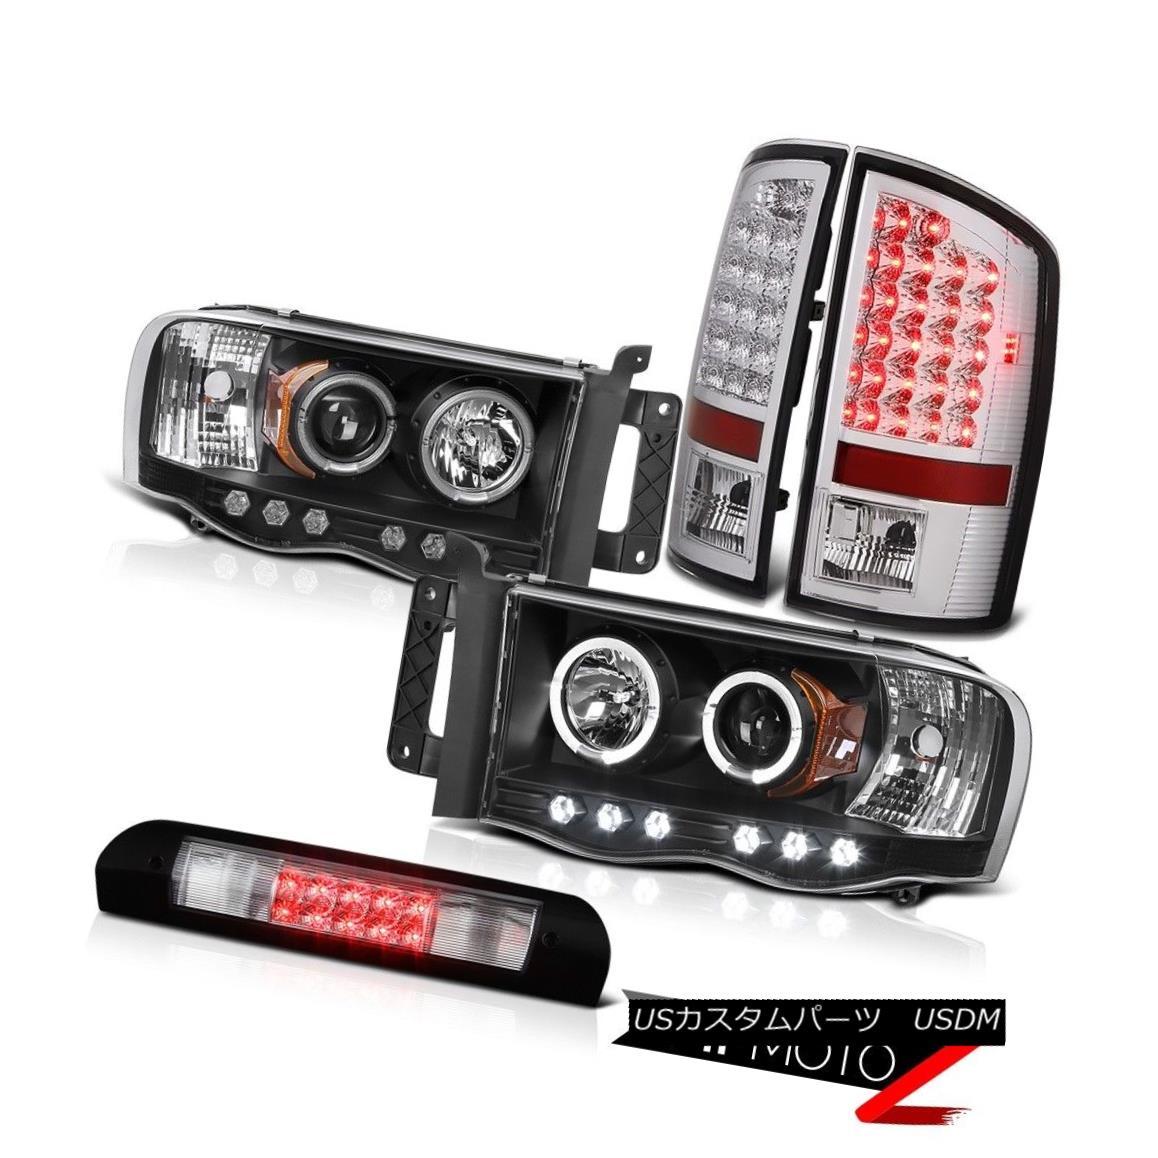 ヘッドライト Black Headlights Projector Euro LED Tail Lights High Brake 02-05 Ram TurboDiesel ブラックヘッドライトプロジェクターユーロLEDテールライトハイブレーキ02-05 Ram TurboDiesel